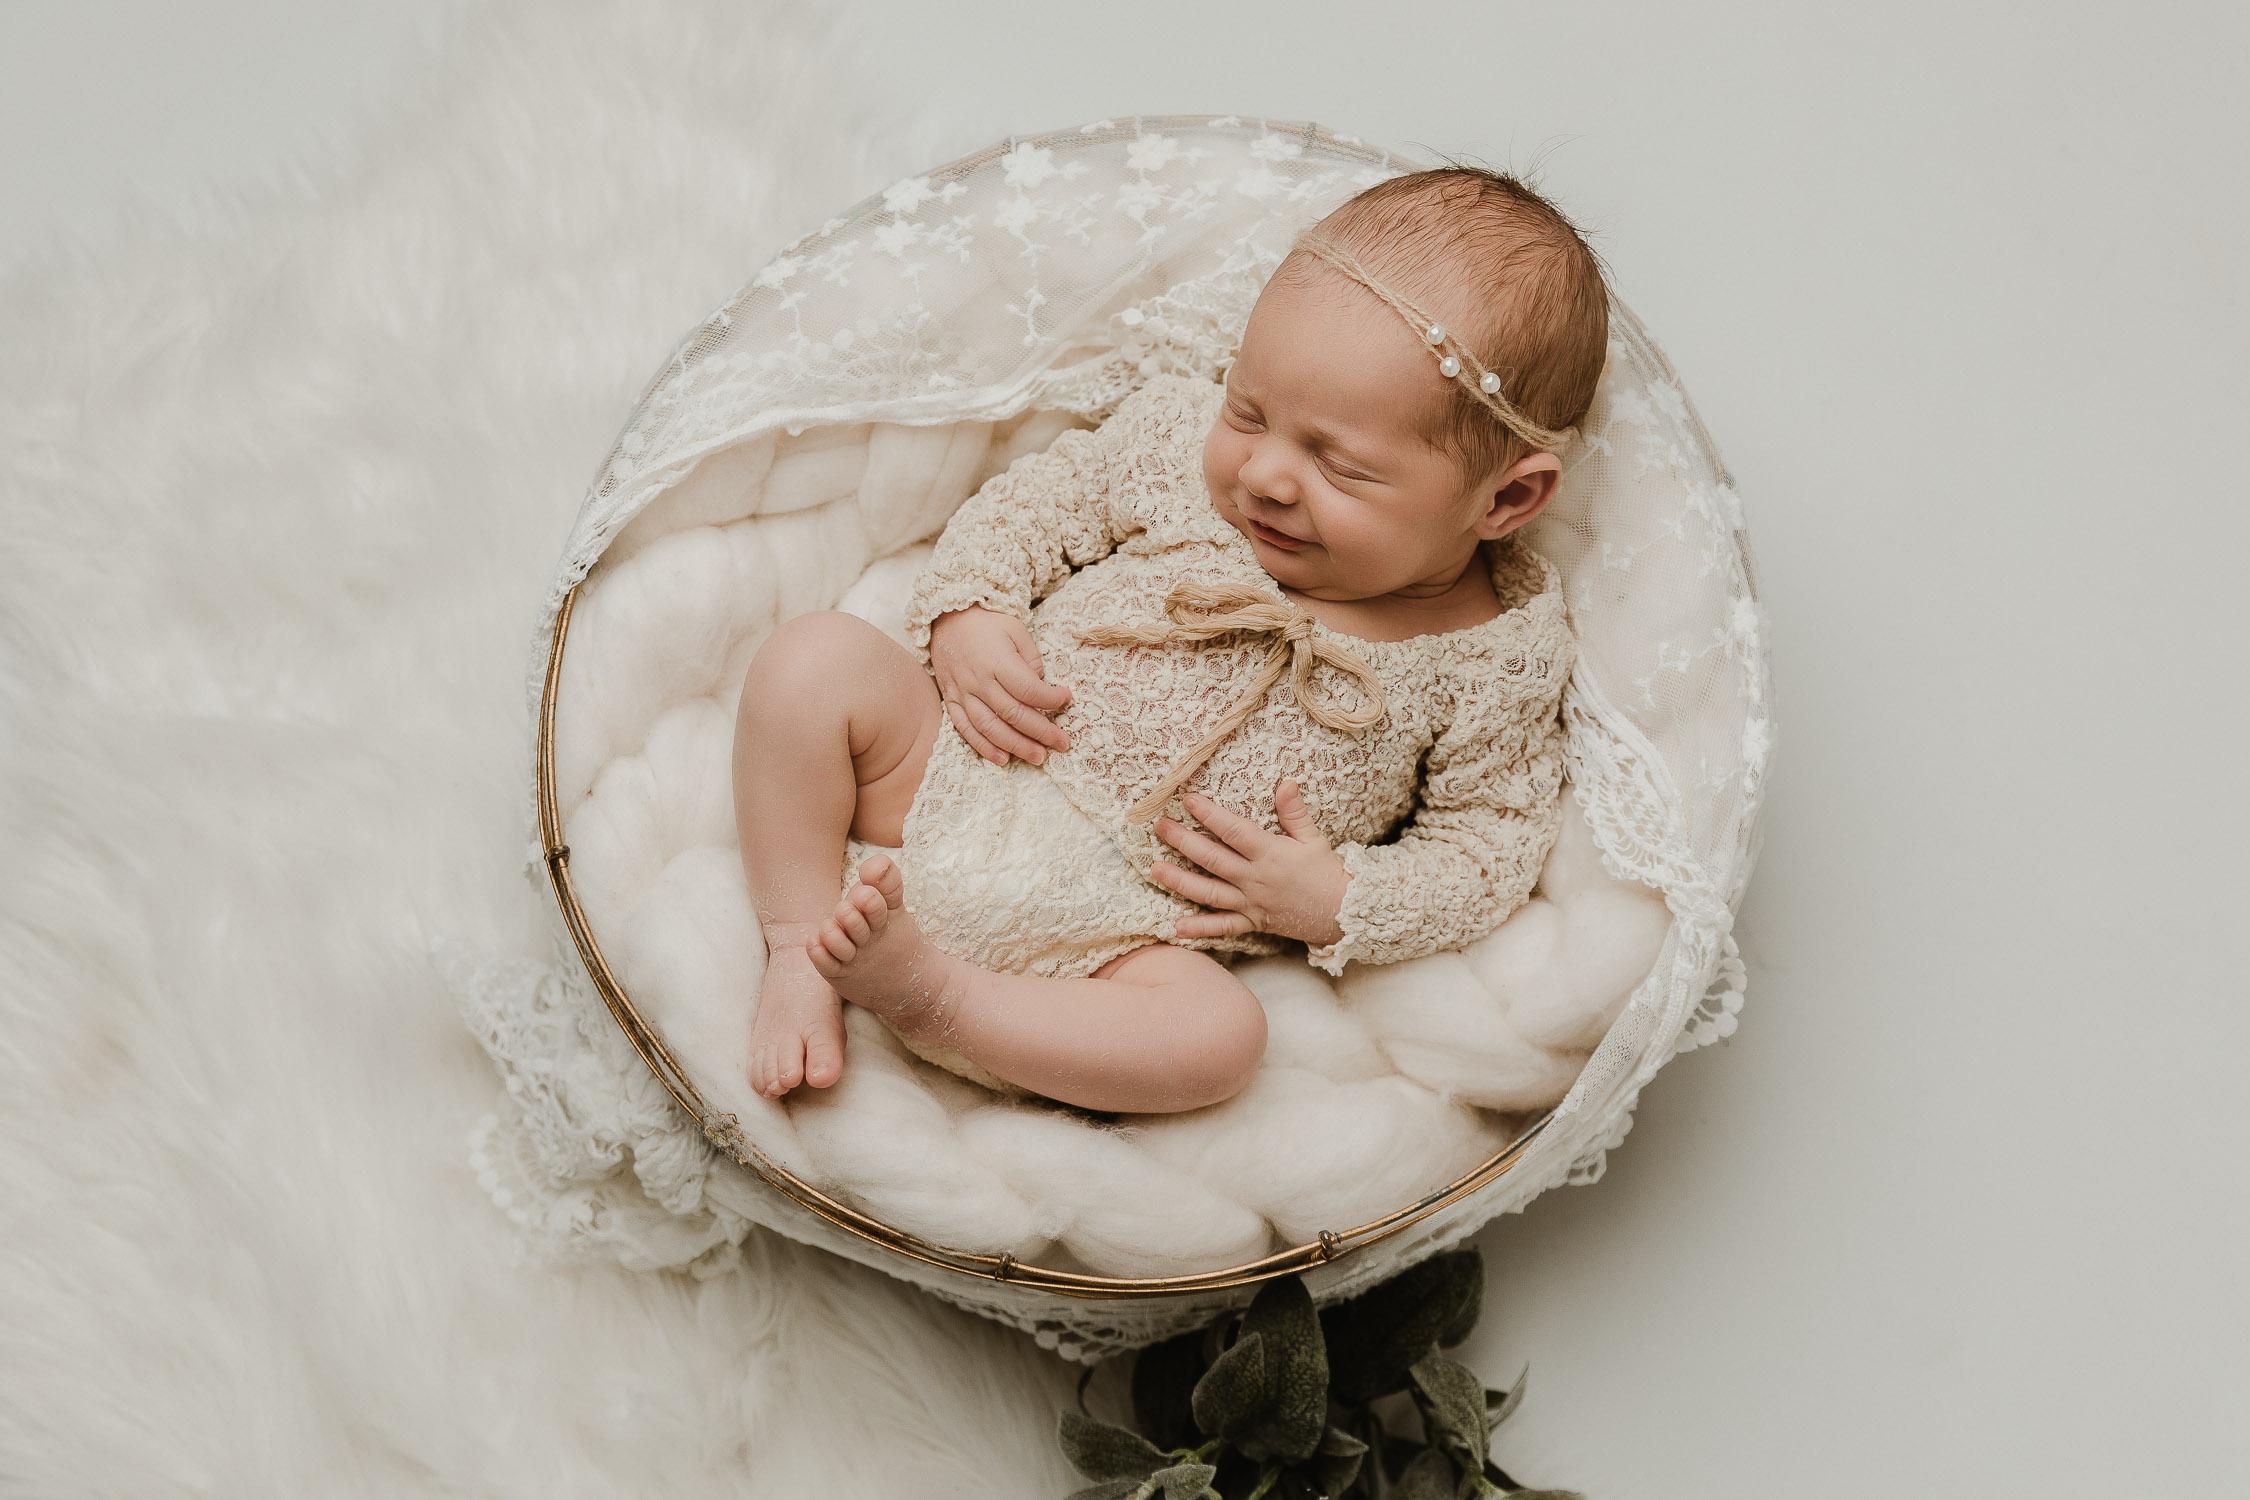 photo de bébé Suisse La Chaux-de-Fonds, ASPPNN Association Suisse de Photographes Professionnel de Nouveau-Né